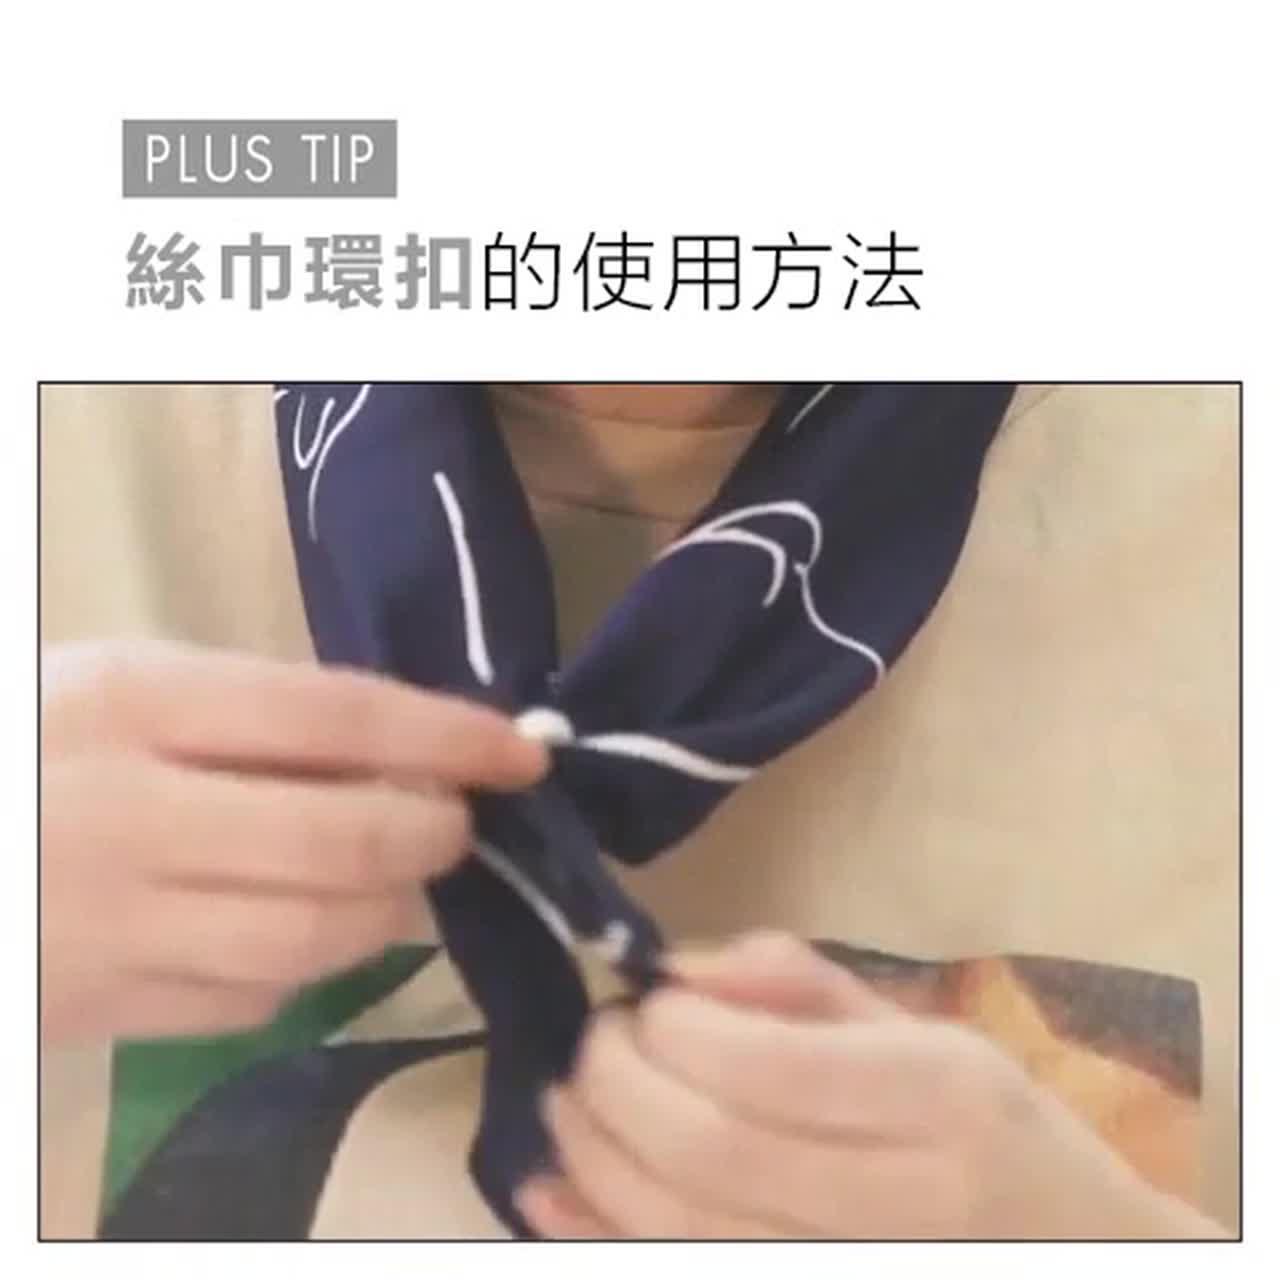 慢慢地仔細地跟著學習哦~ 再給大家一個tip..如果把絲巾環扣當做皮帶扣的話,一個簡單的絲巾手鐲就可以輕鬆搞定呢。